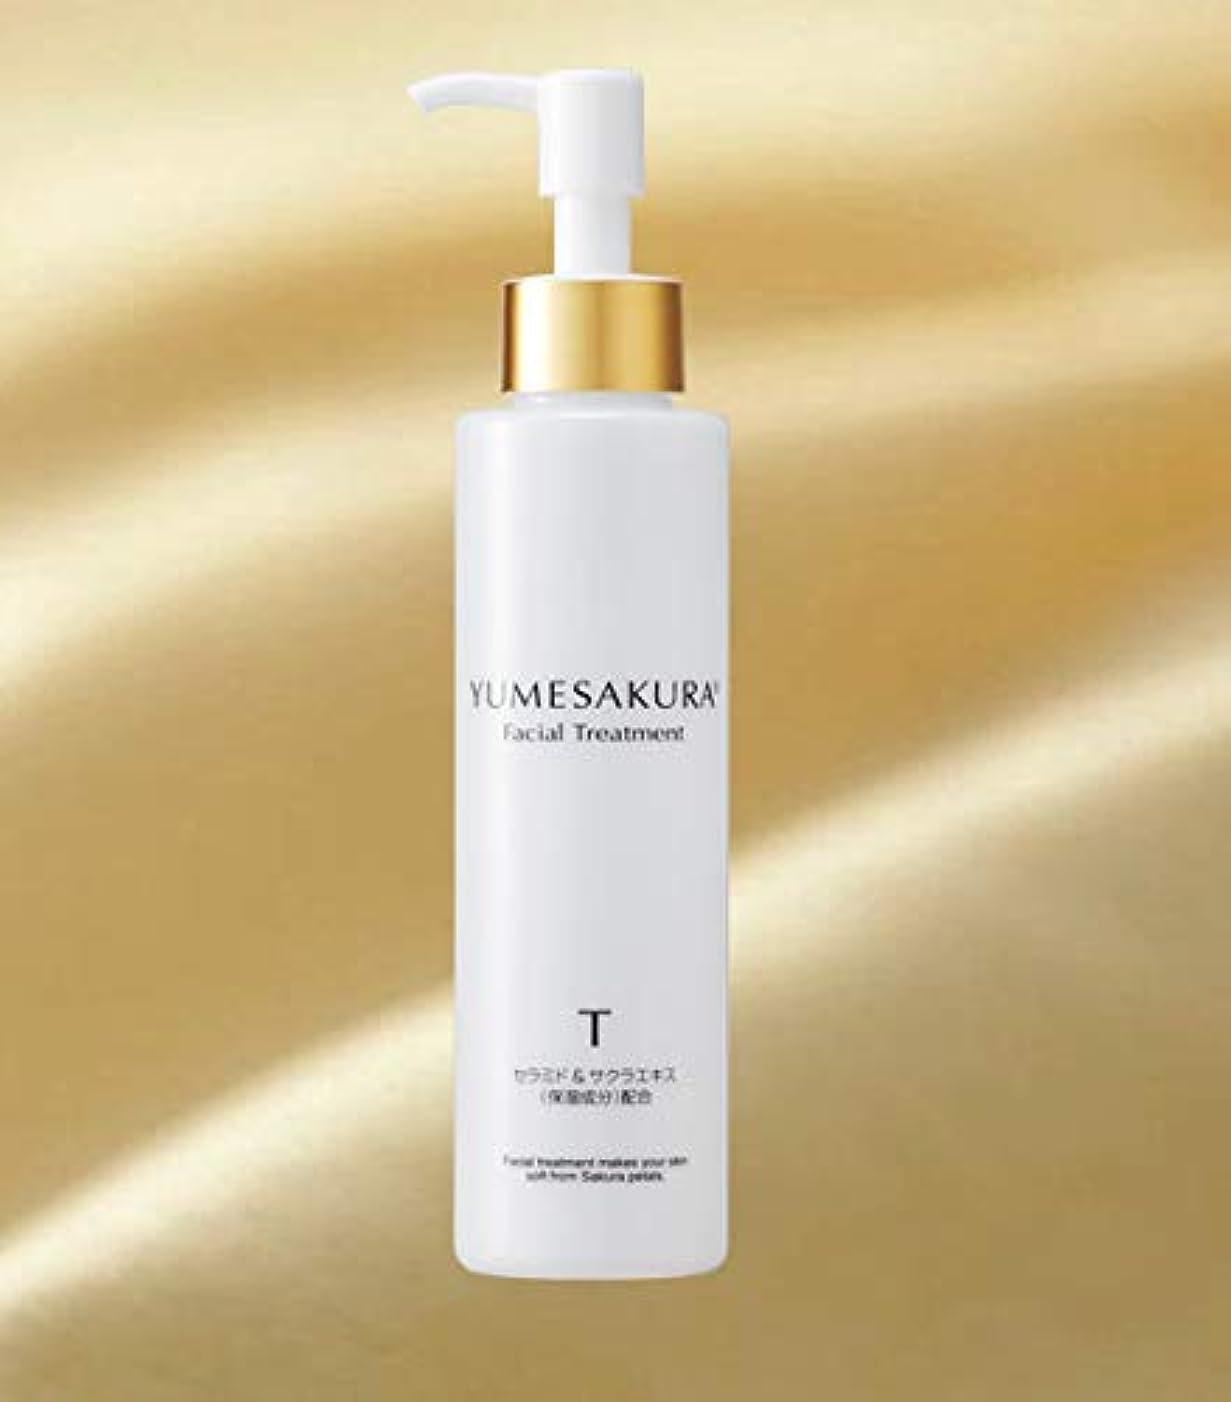 依存する必要とする骨の折れる夢桜 フェイシャル トリートメント (150mL) YUMESAKURA Facial Treatment